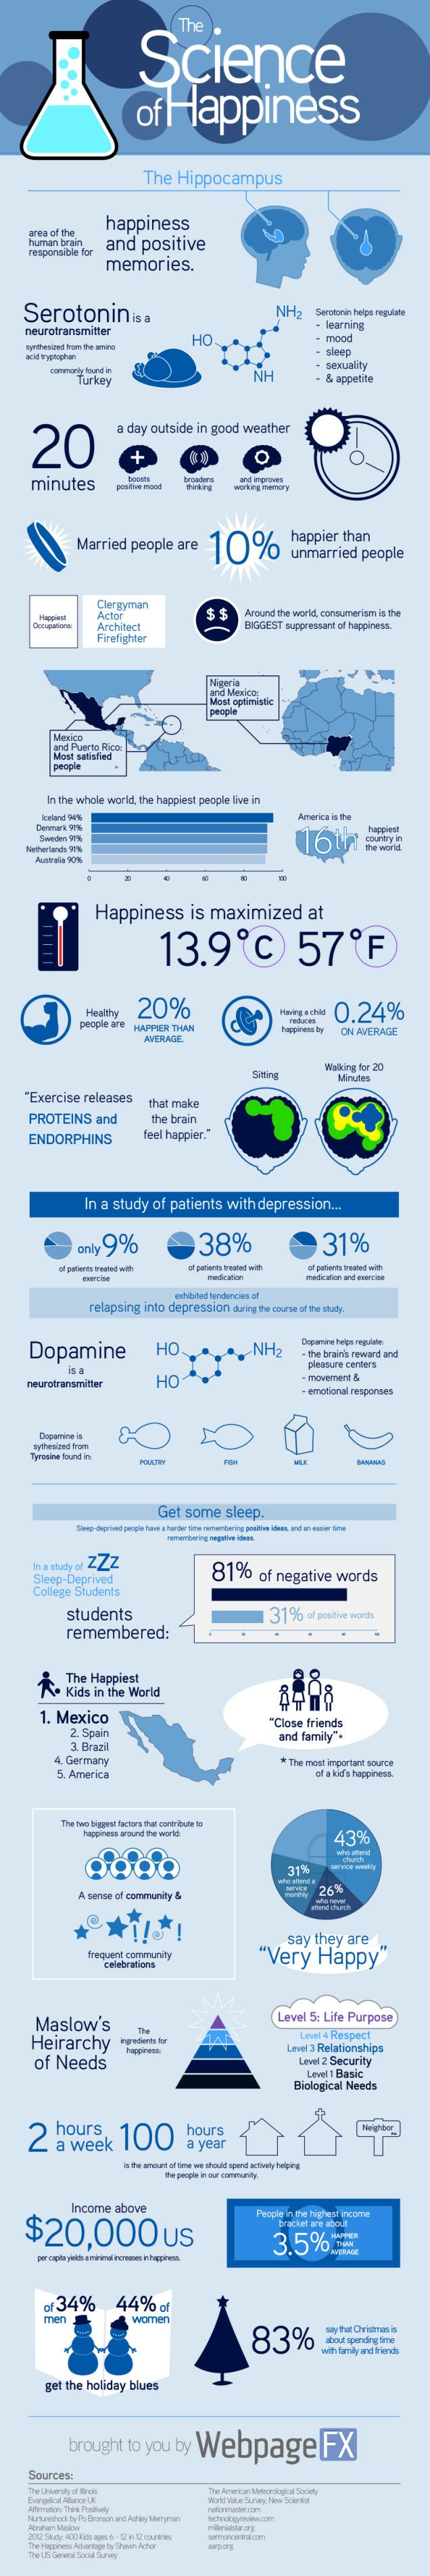 La felicità spiegata dalla scienza in un'infografica #happiness #felicitá #infographic